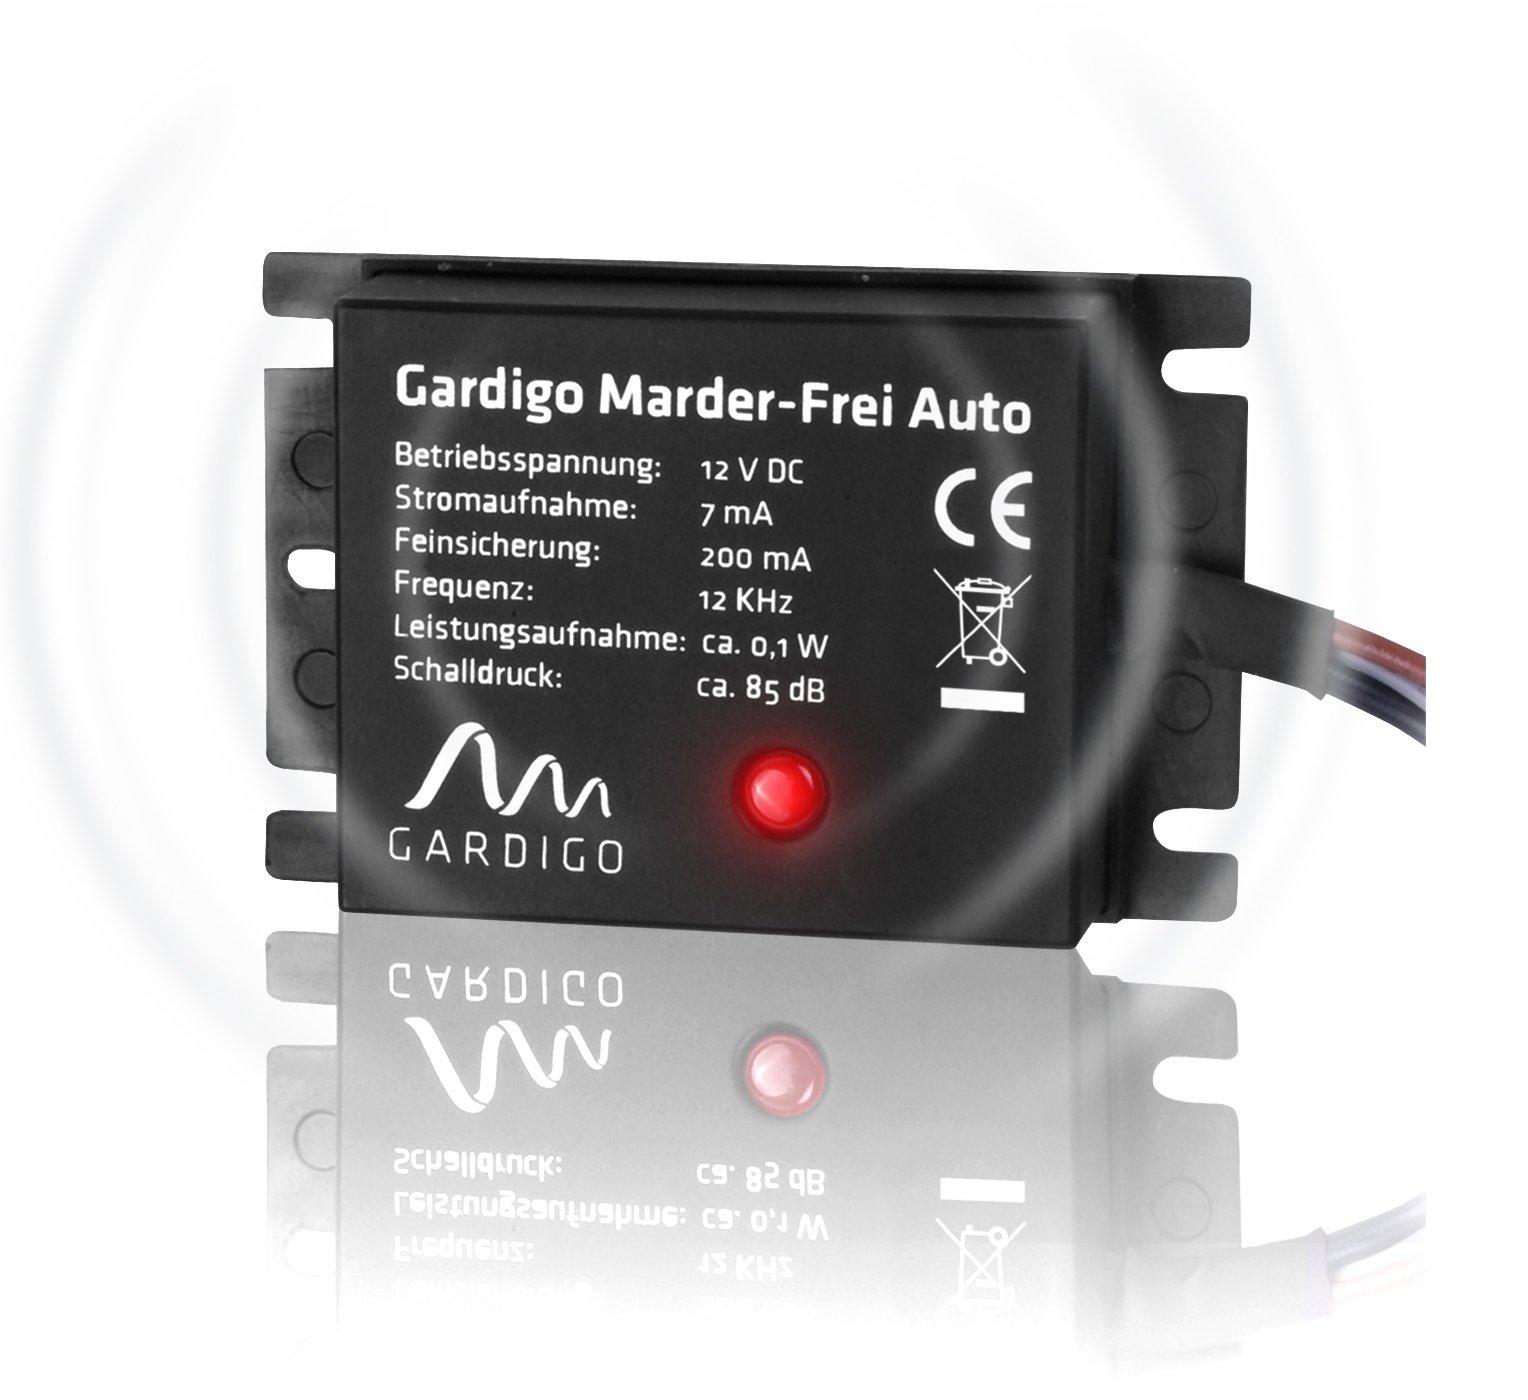 Gardigo Marder-Frei Auto, Marderschreck, Anschluss an 12V Autobatterie, schonender Marderschutz als KFZ - Zubehör product image